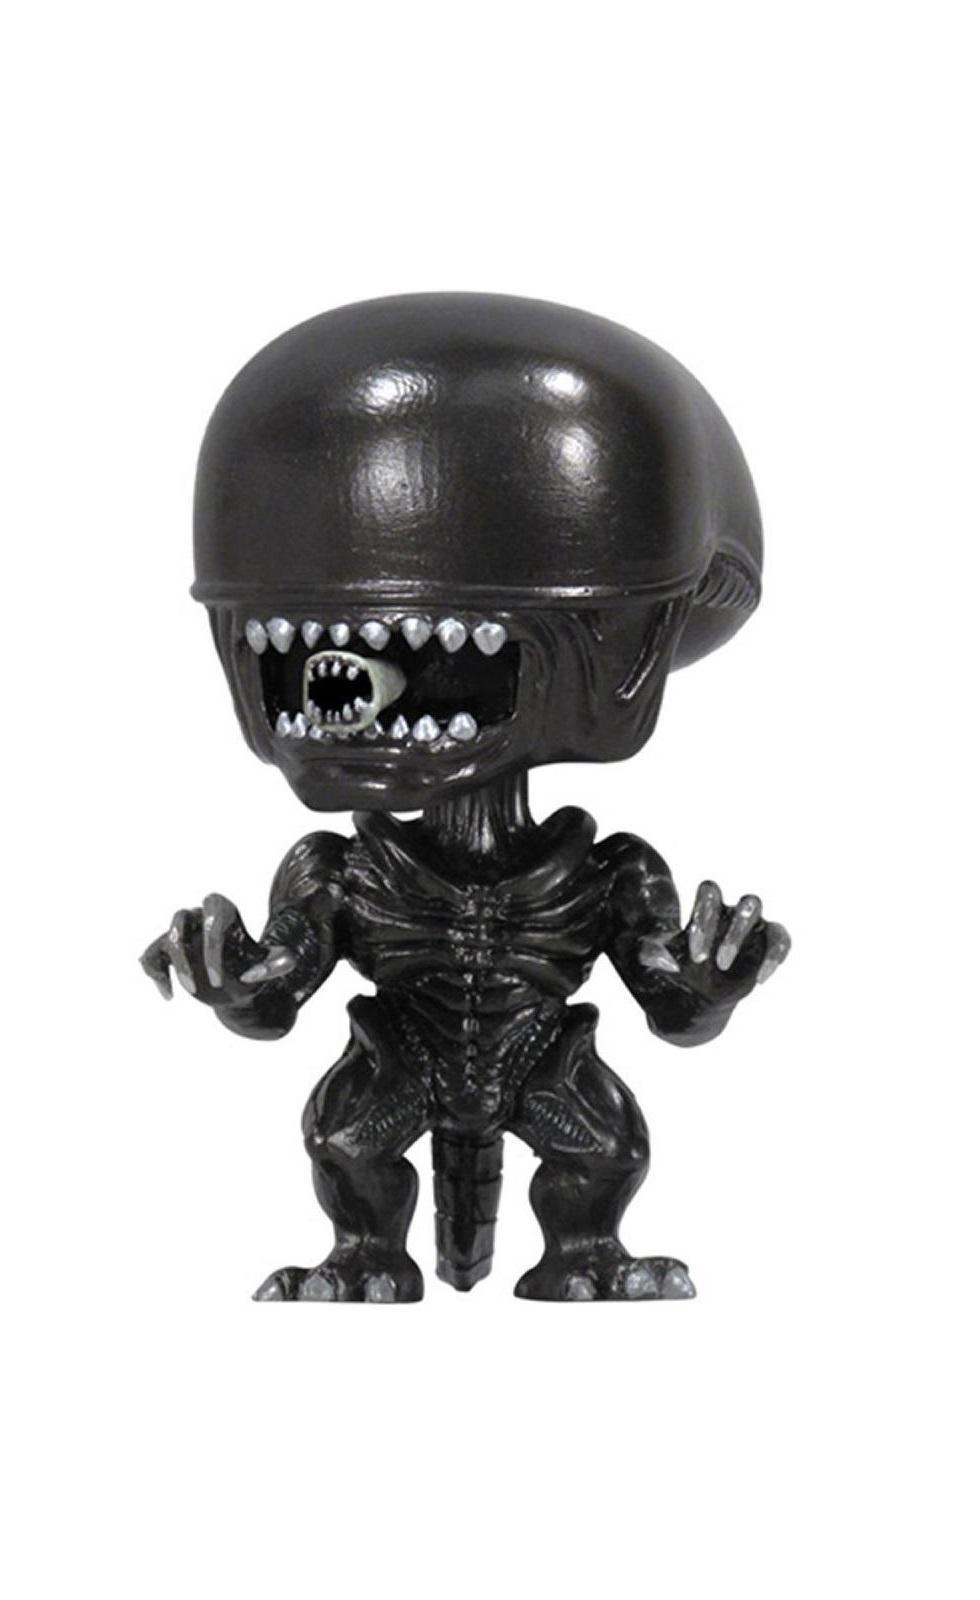 Alien Pop! Vinyl Figure image